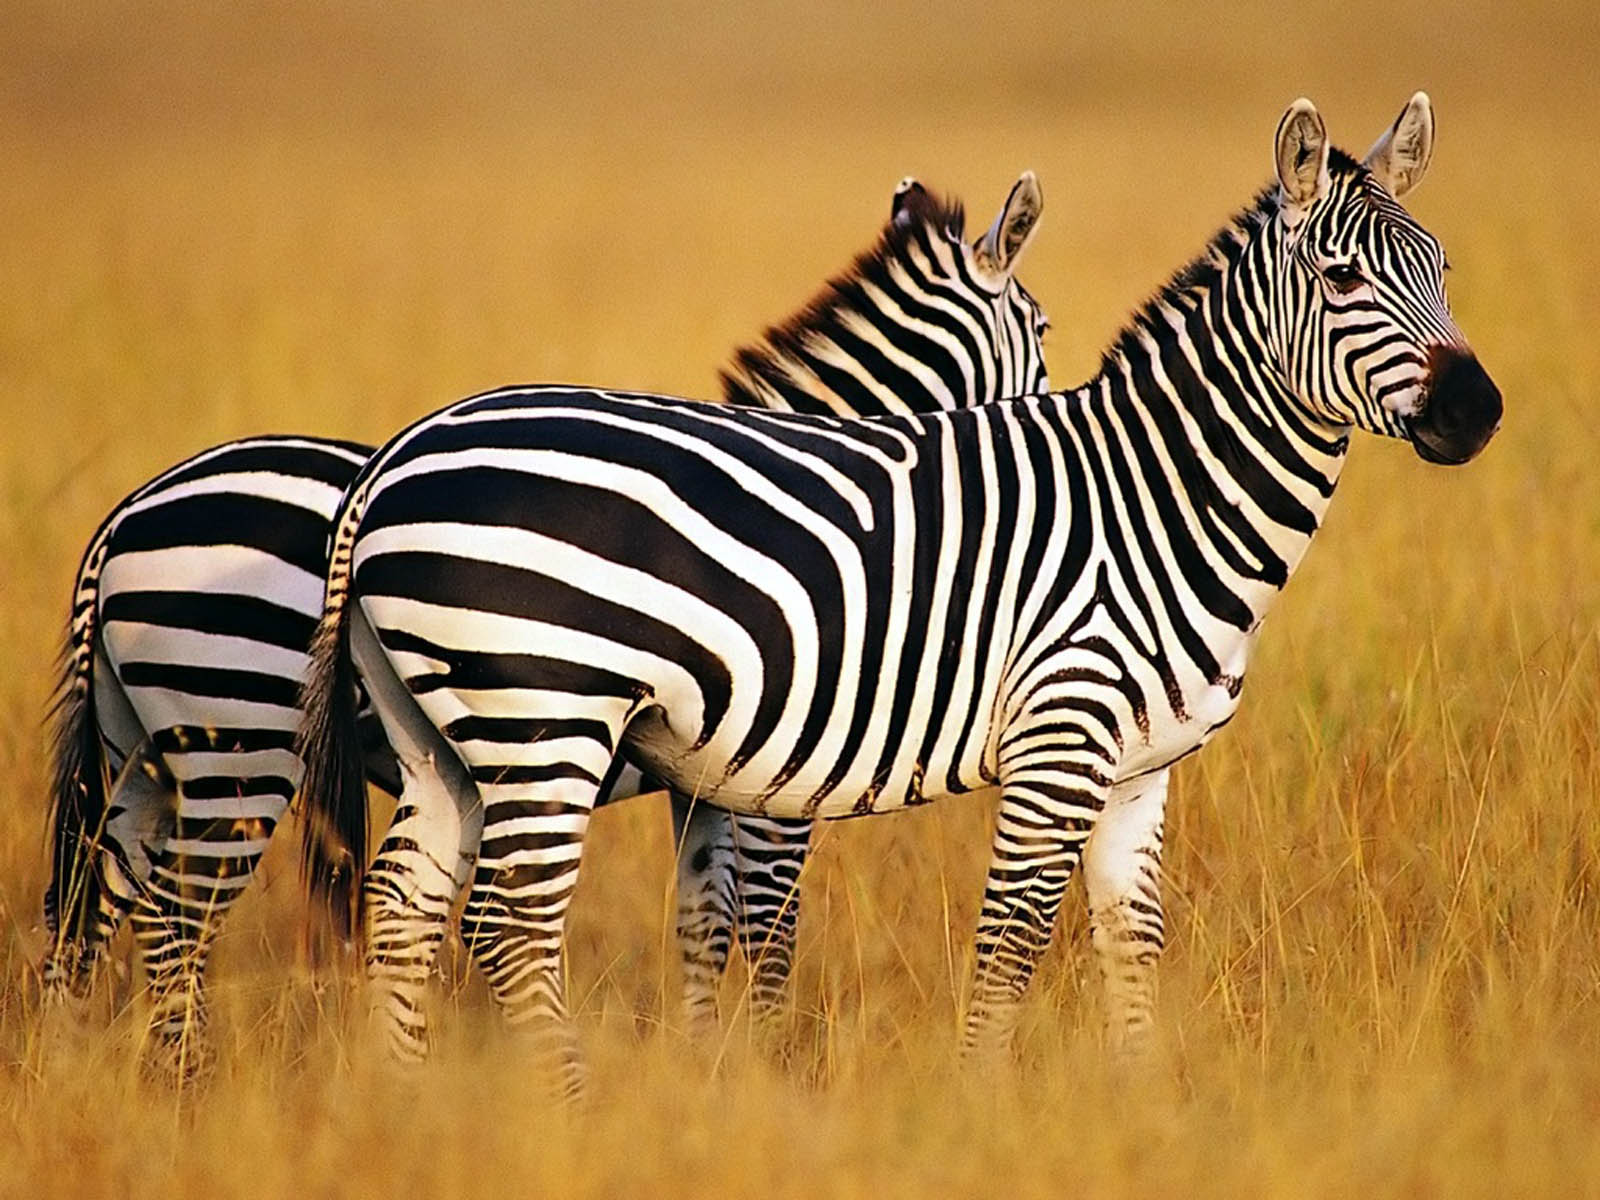 Zebra Wallpapers ~ Desktop Wallpaper